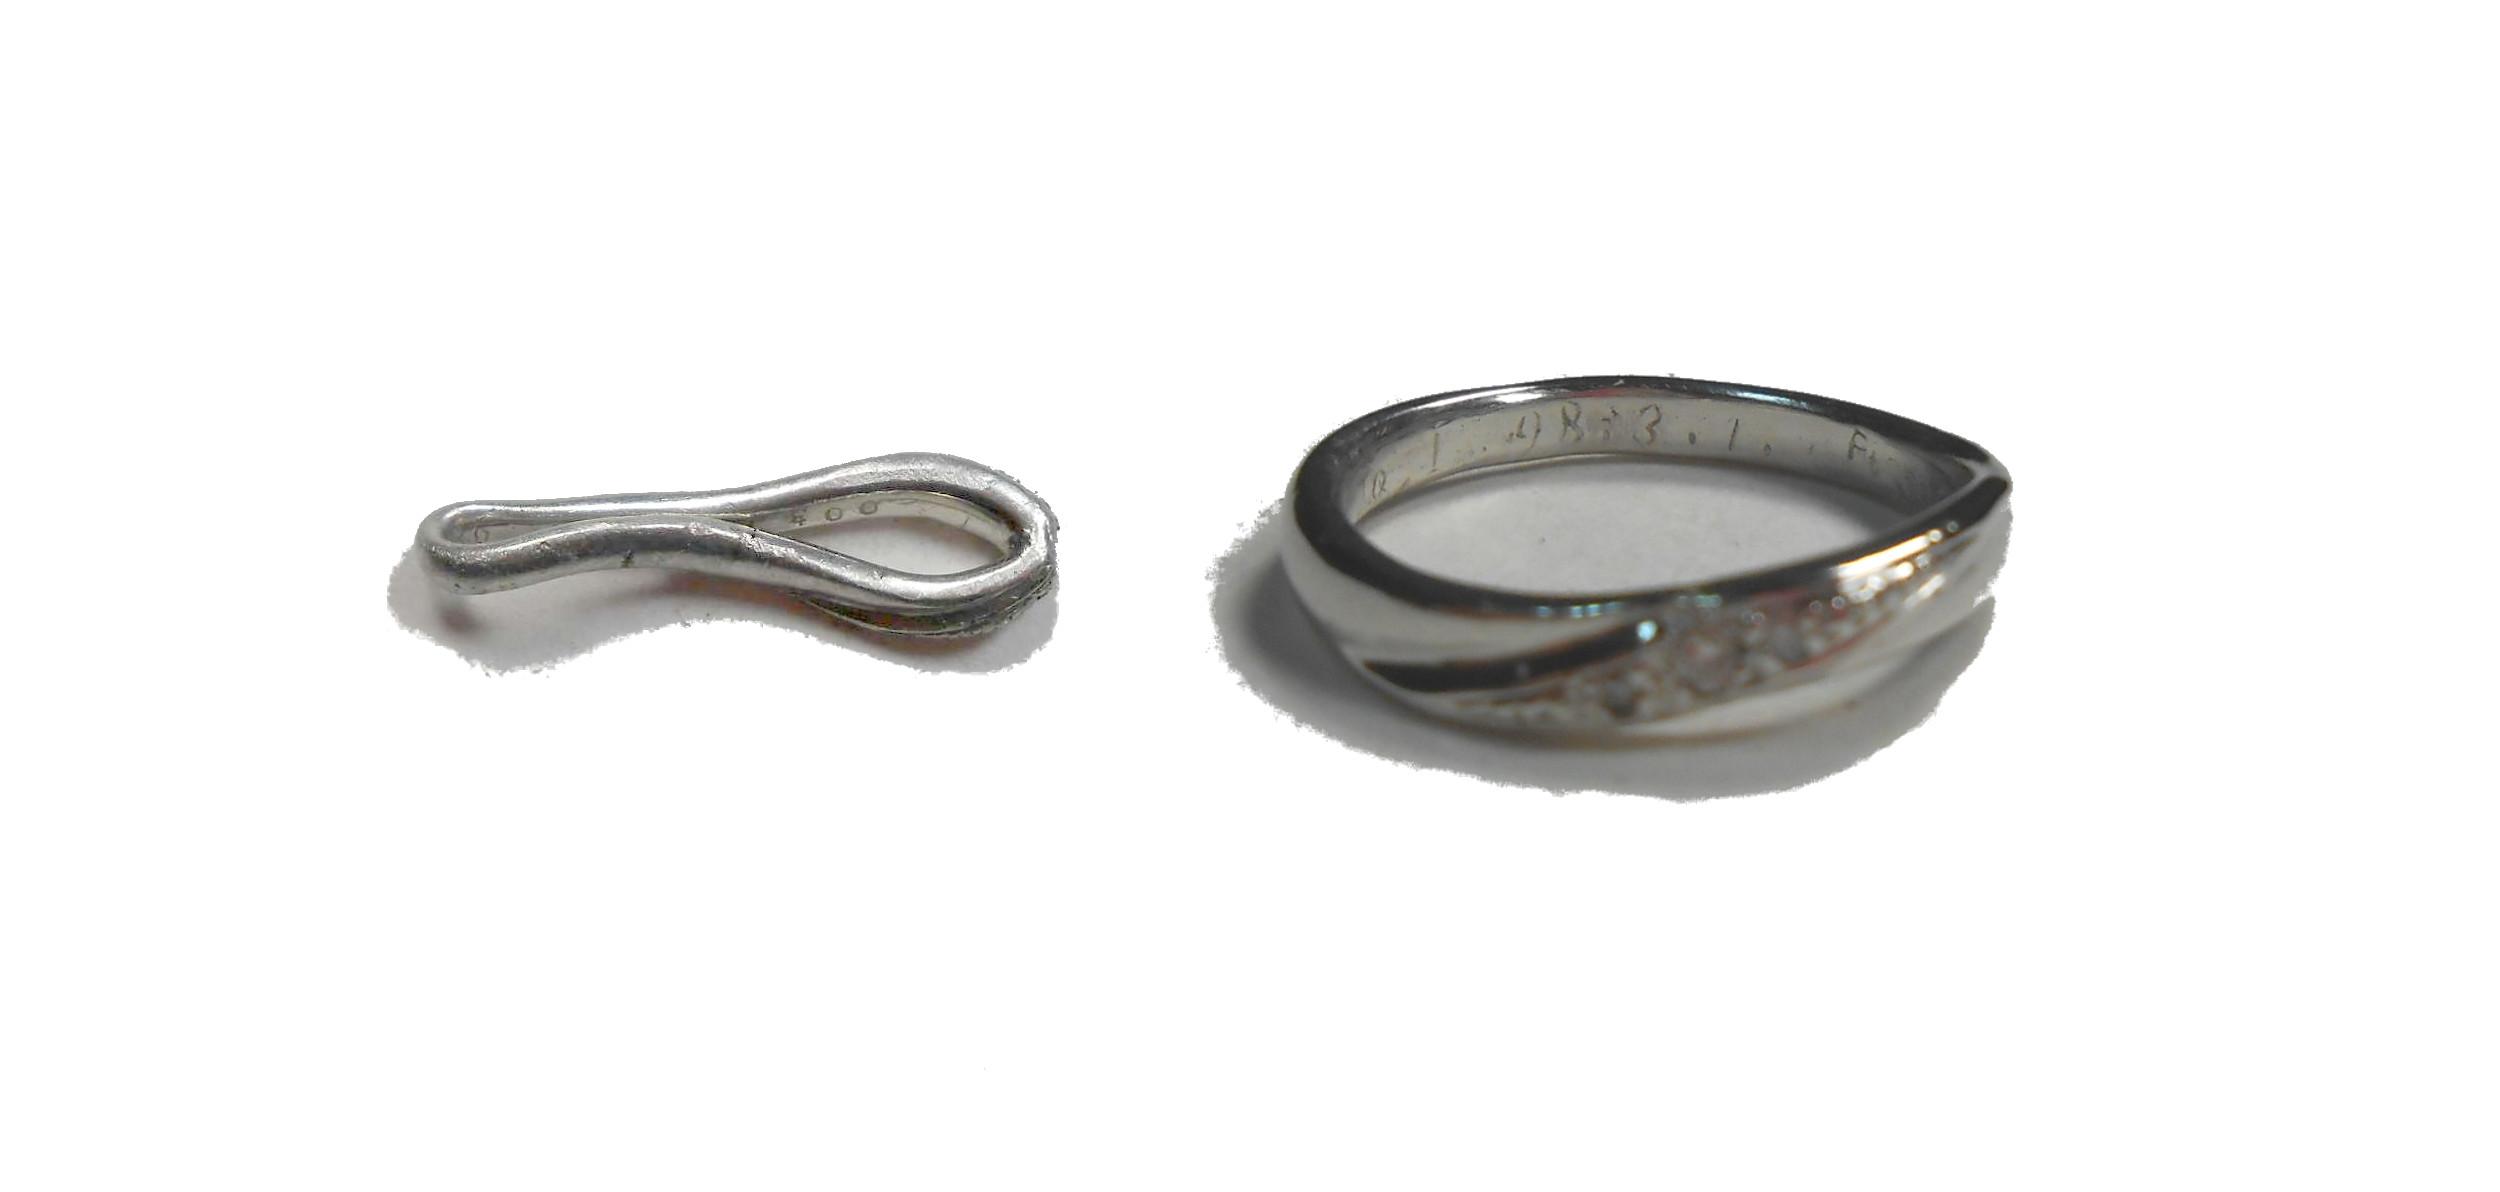 ペッチャンコの指輪を元通りに修理します。